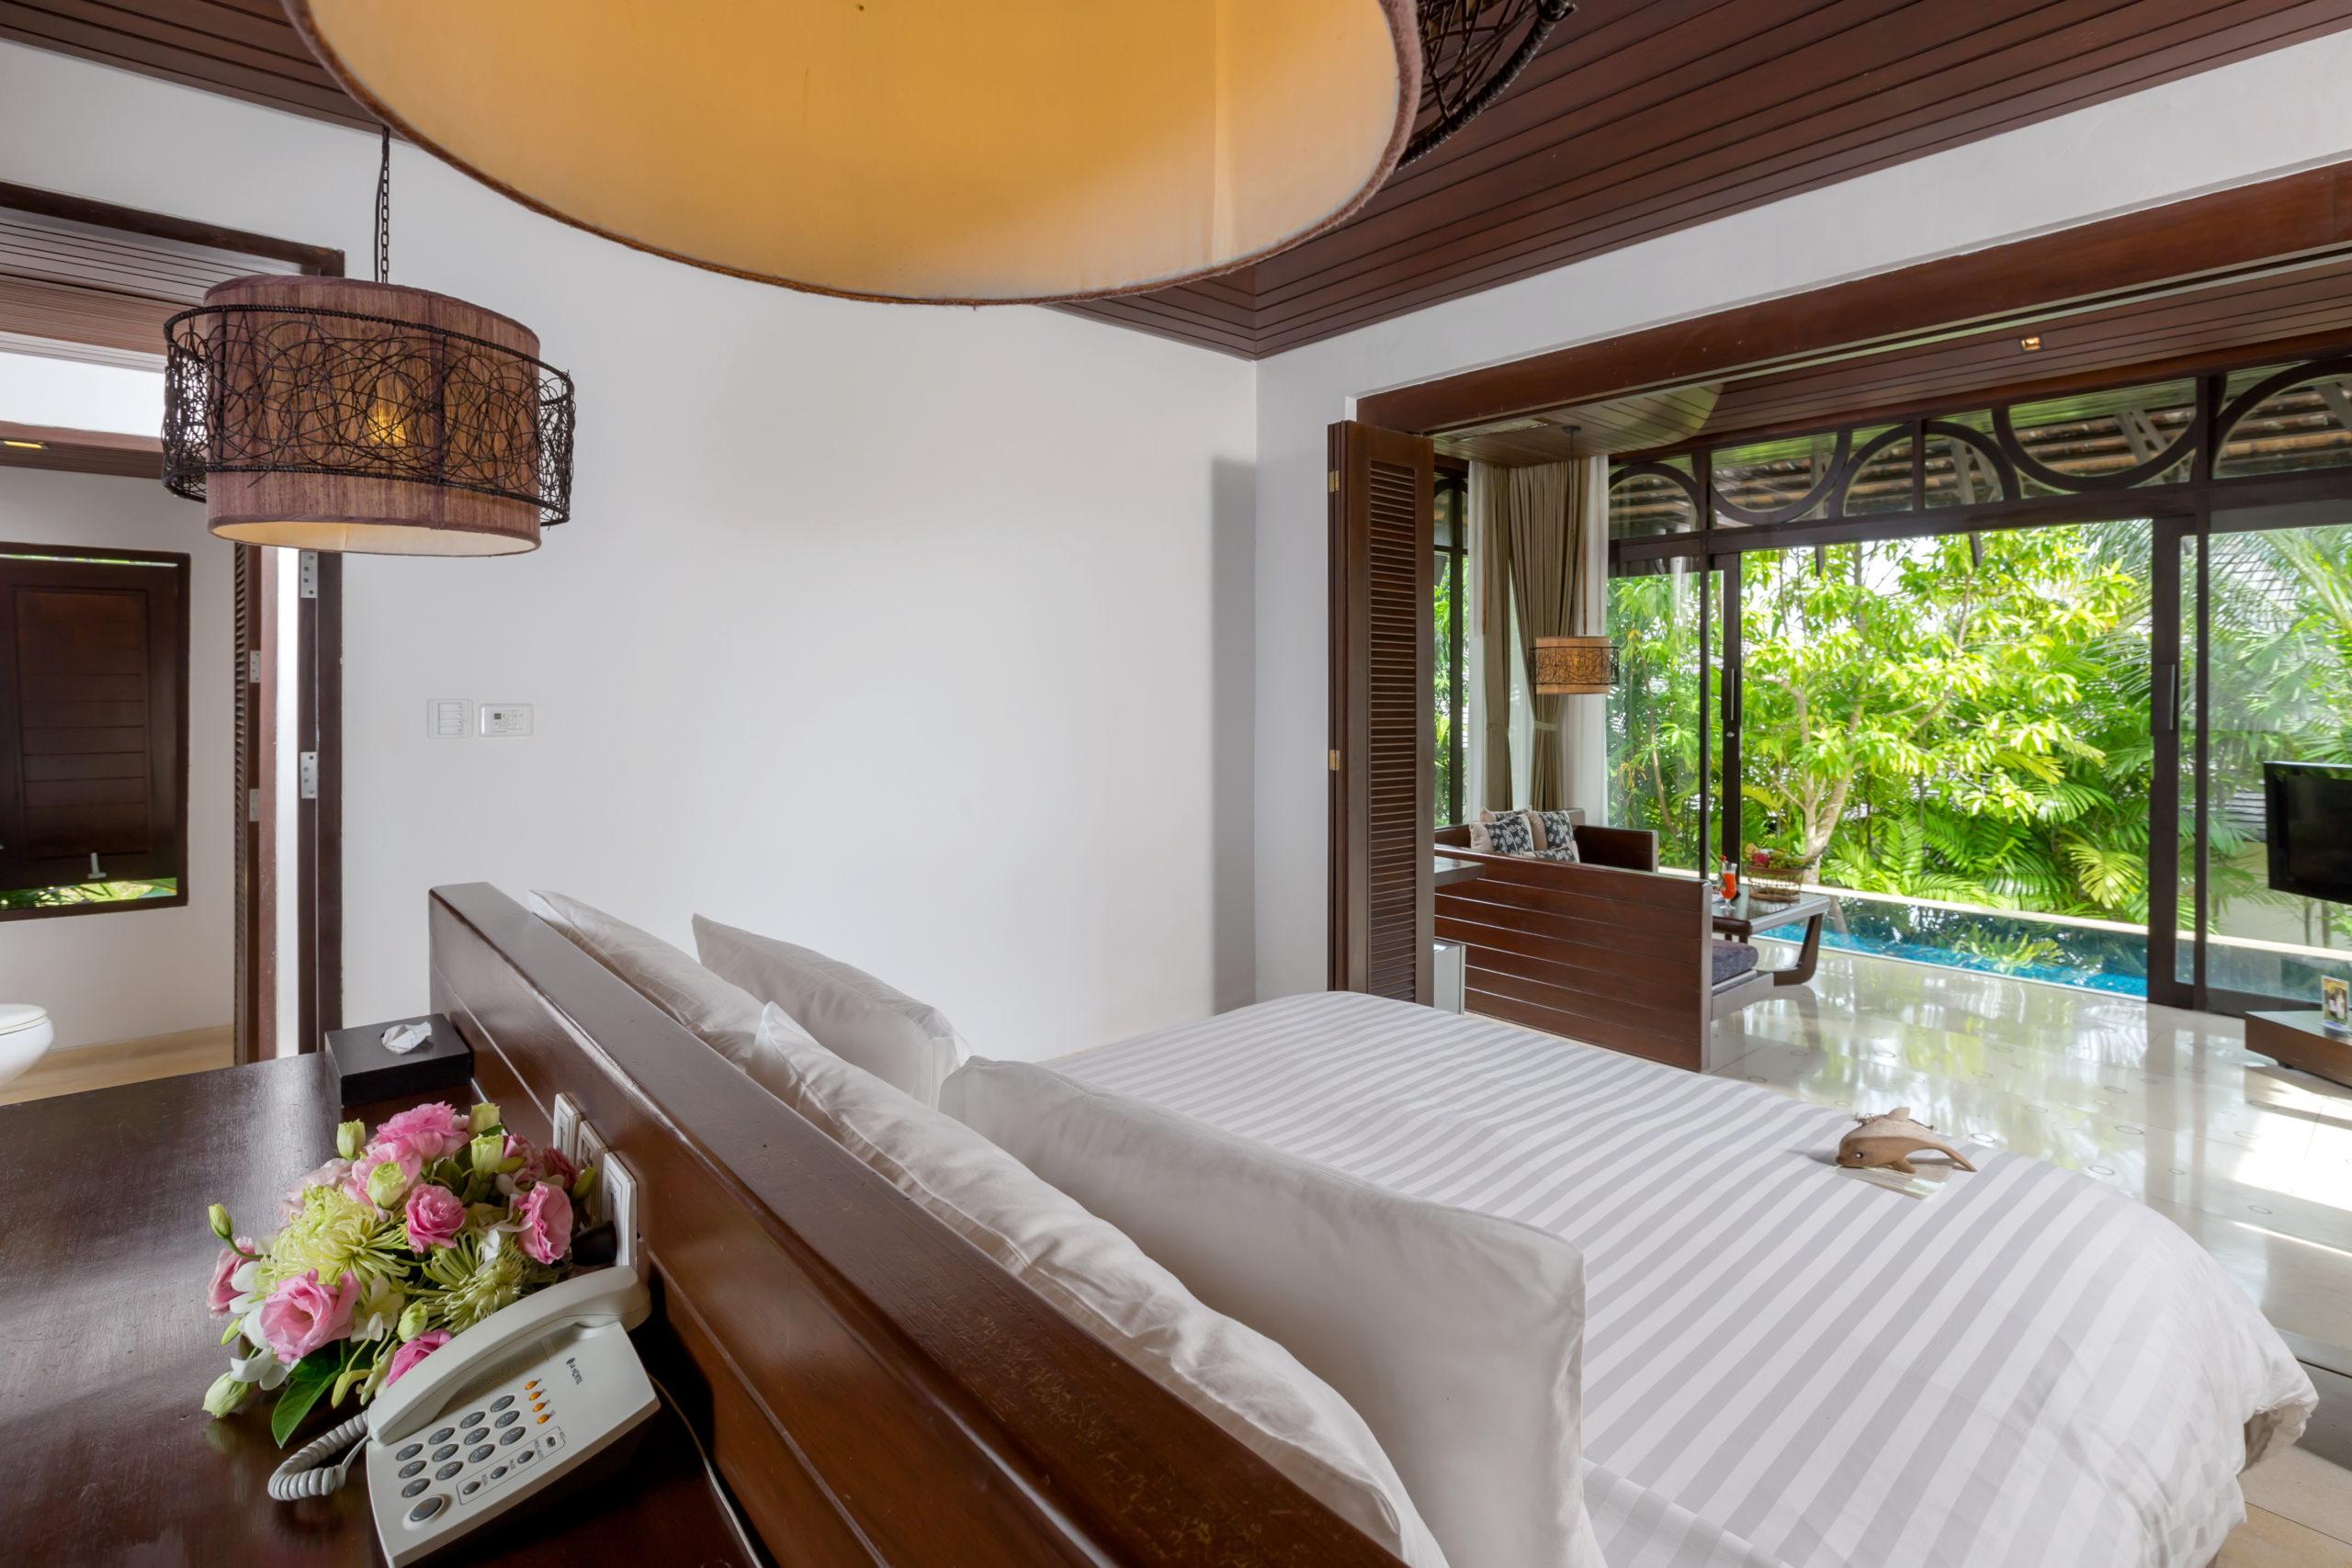 004_Two-Bedroom Pool Villa_Master Bedroom_Leavingroom The Vijitt Resort Phuket